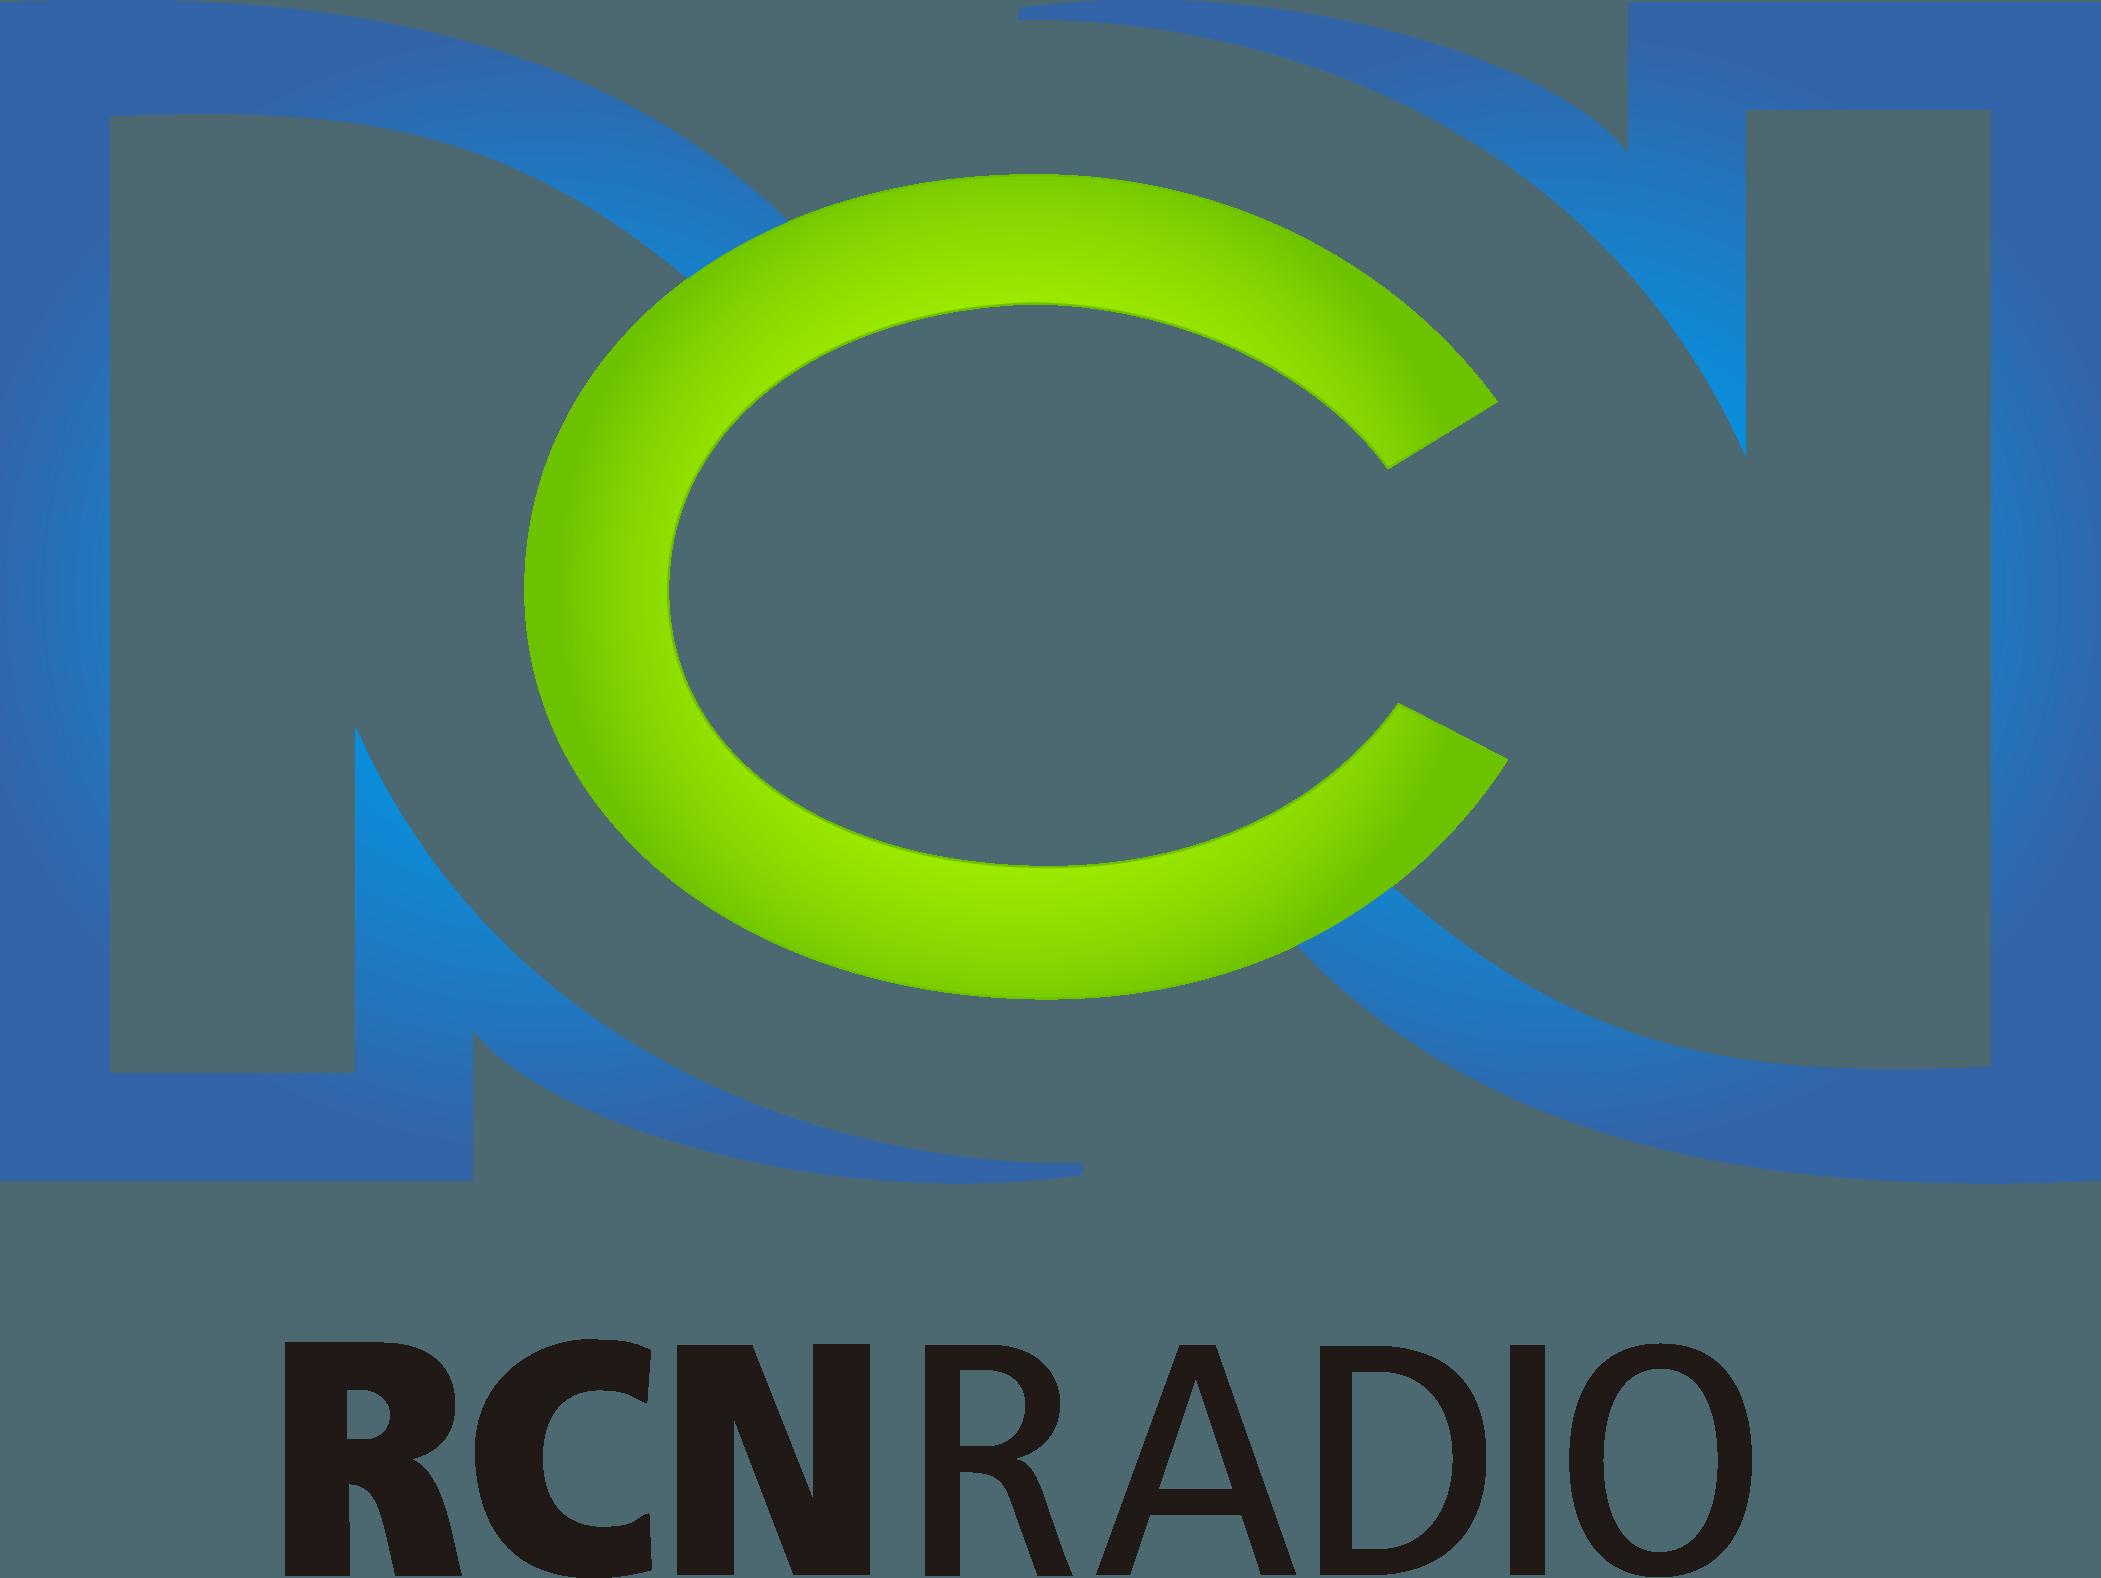 Estas son las noticias de Barranquilla y el Atlántico en las emisiones de 5:30 y 6:30 am. A través de los 760 AM de RCN Radio Barranquilla. Recuerde que usted puede seguirnos